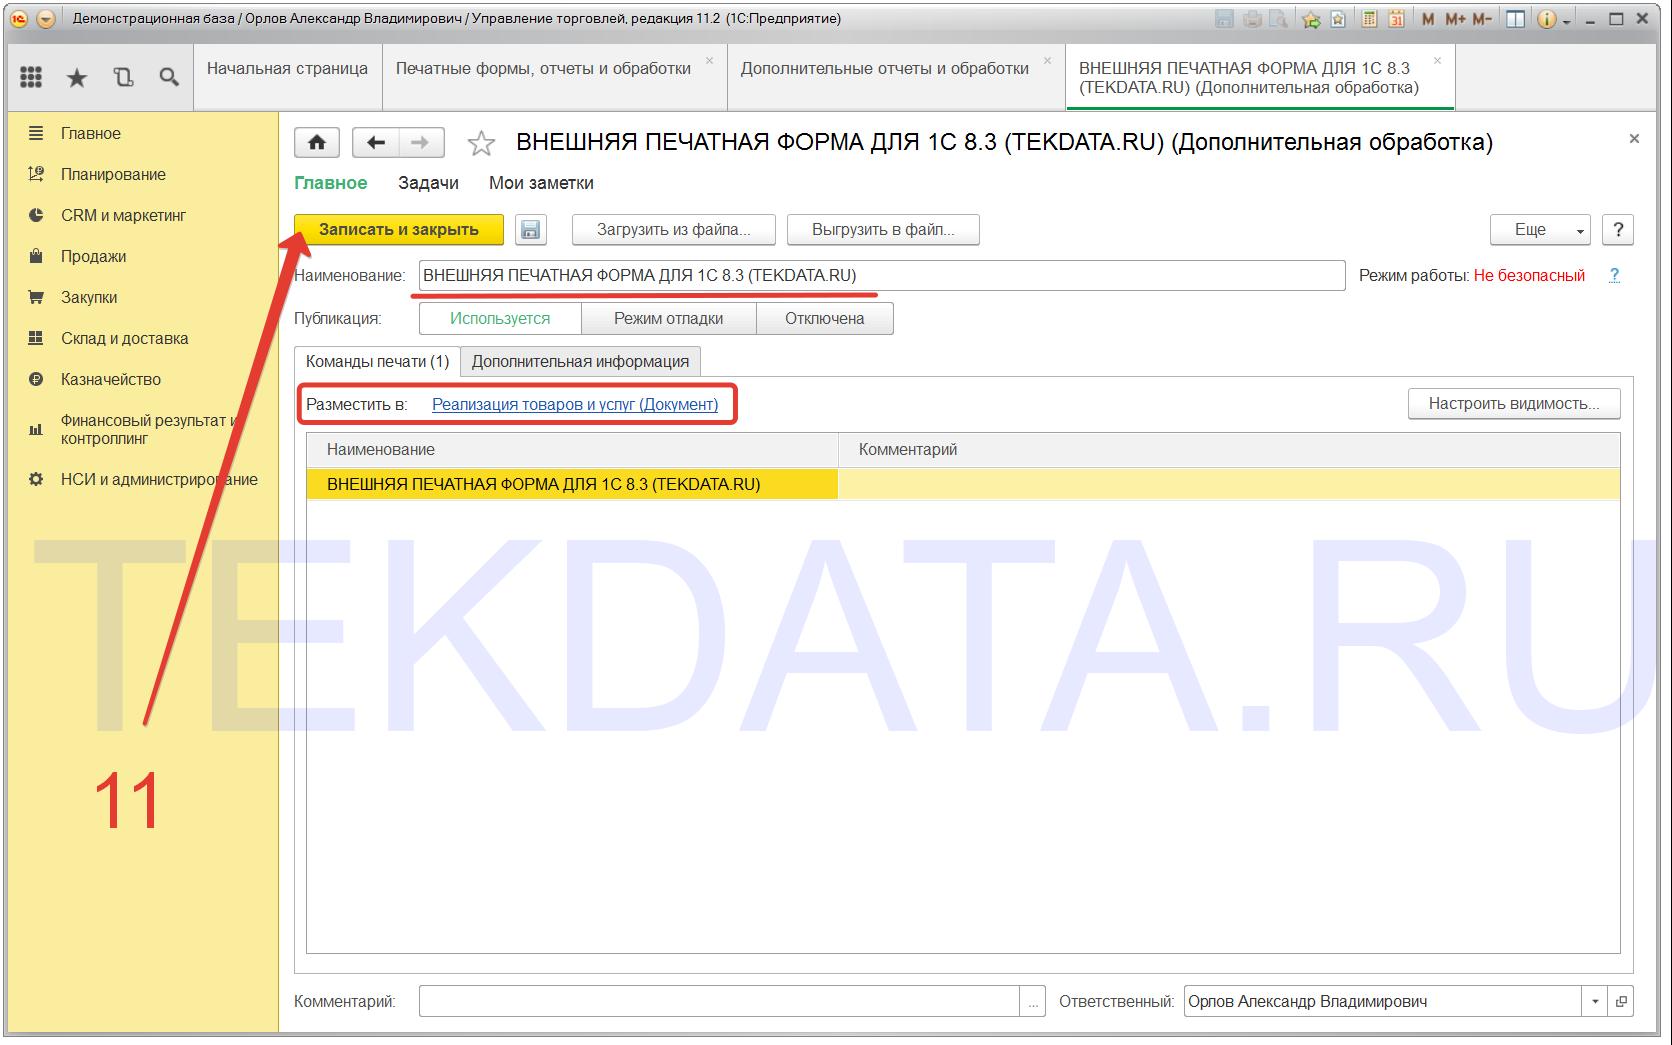 Подключение внешней печатной формы 1С 8.3 (Действия 11) | tekdata.ru